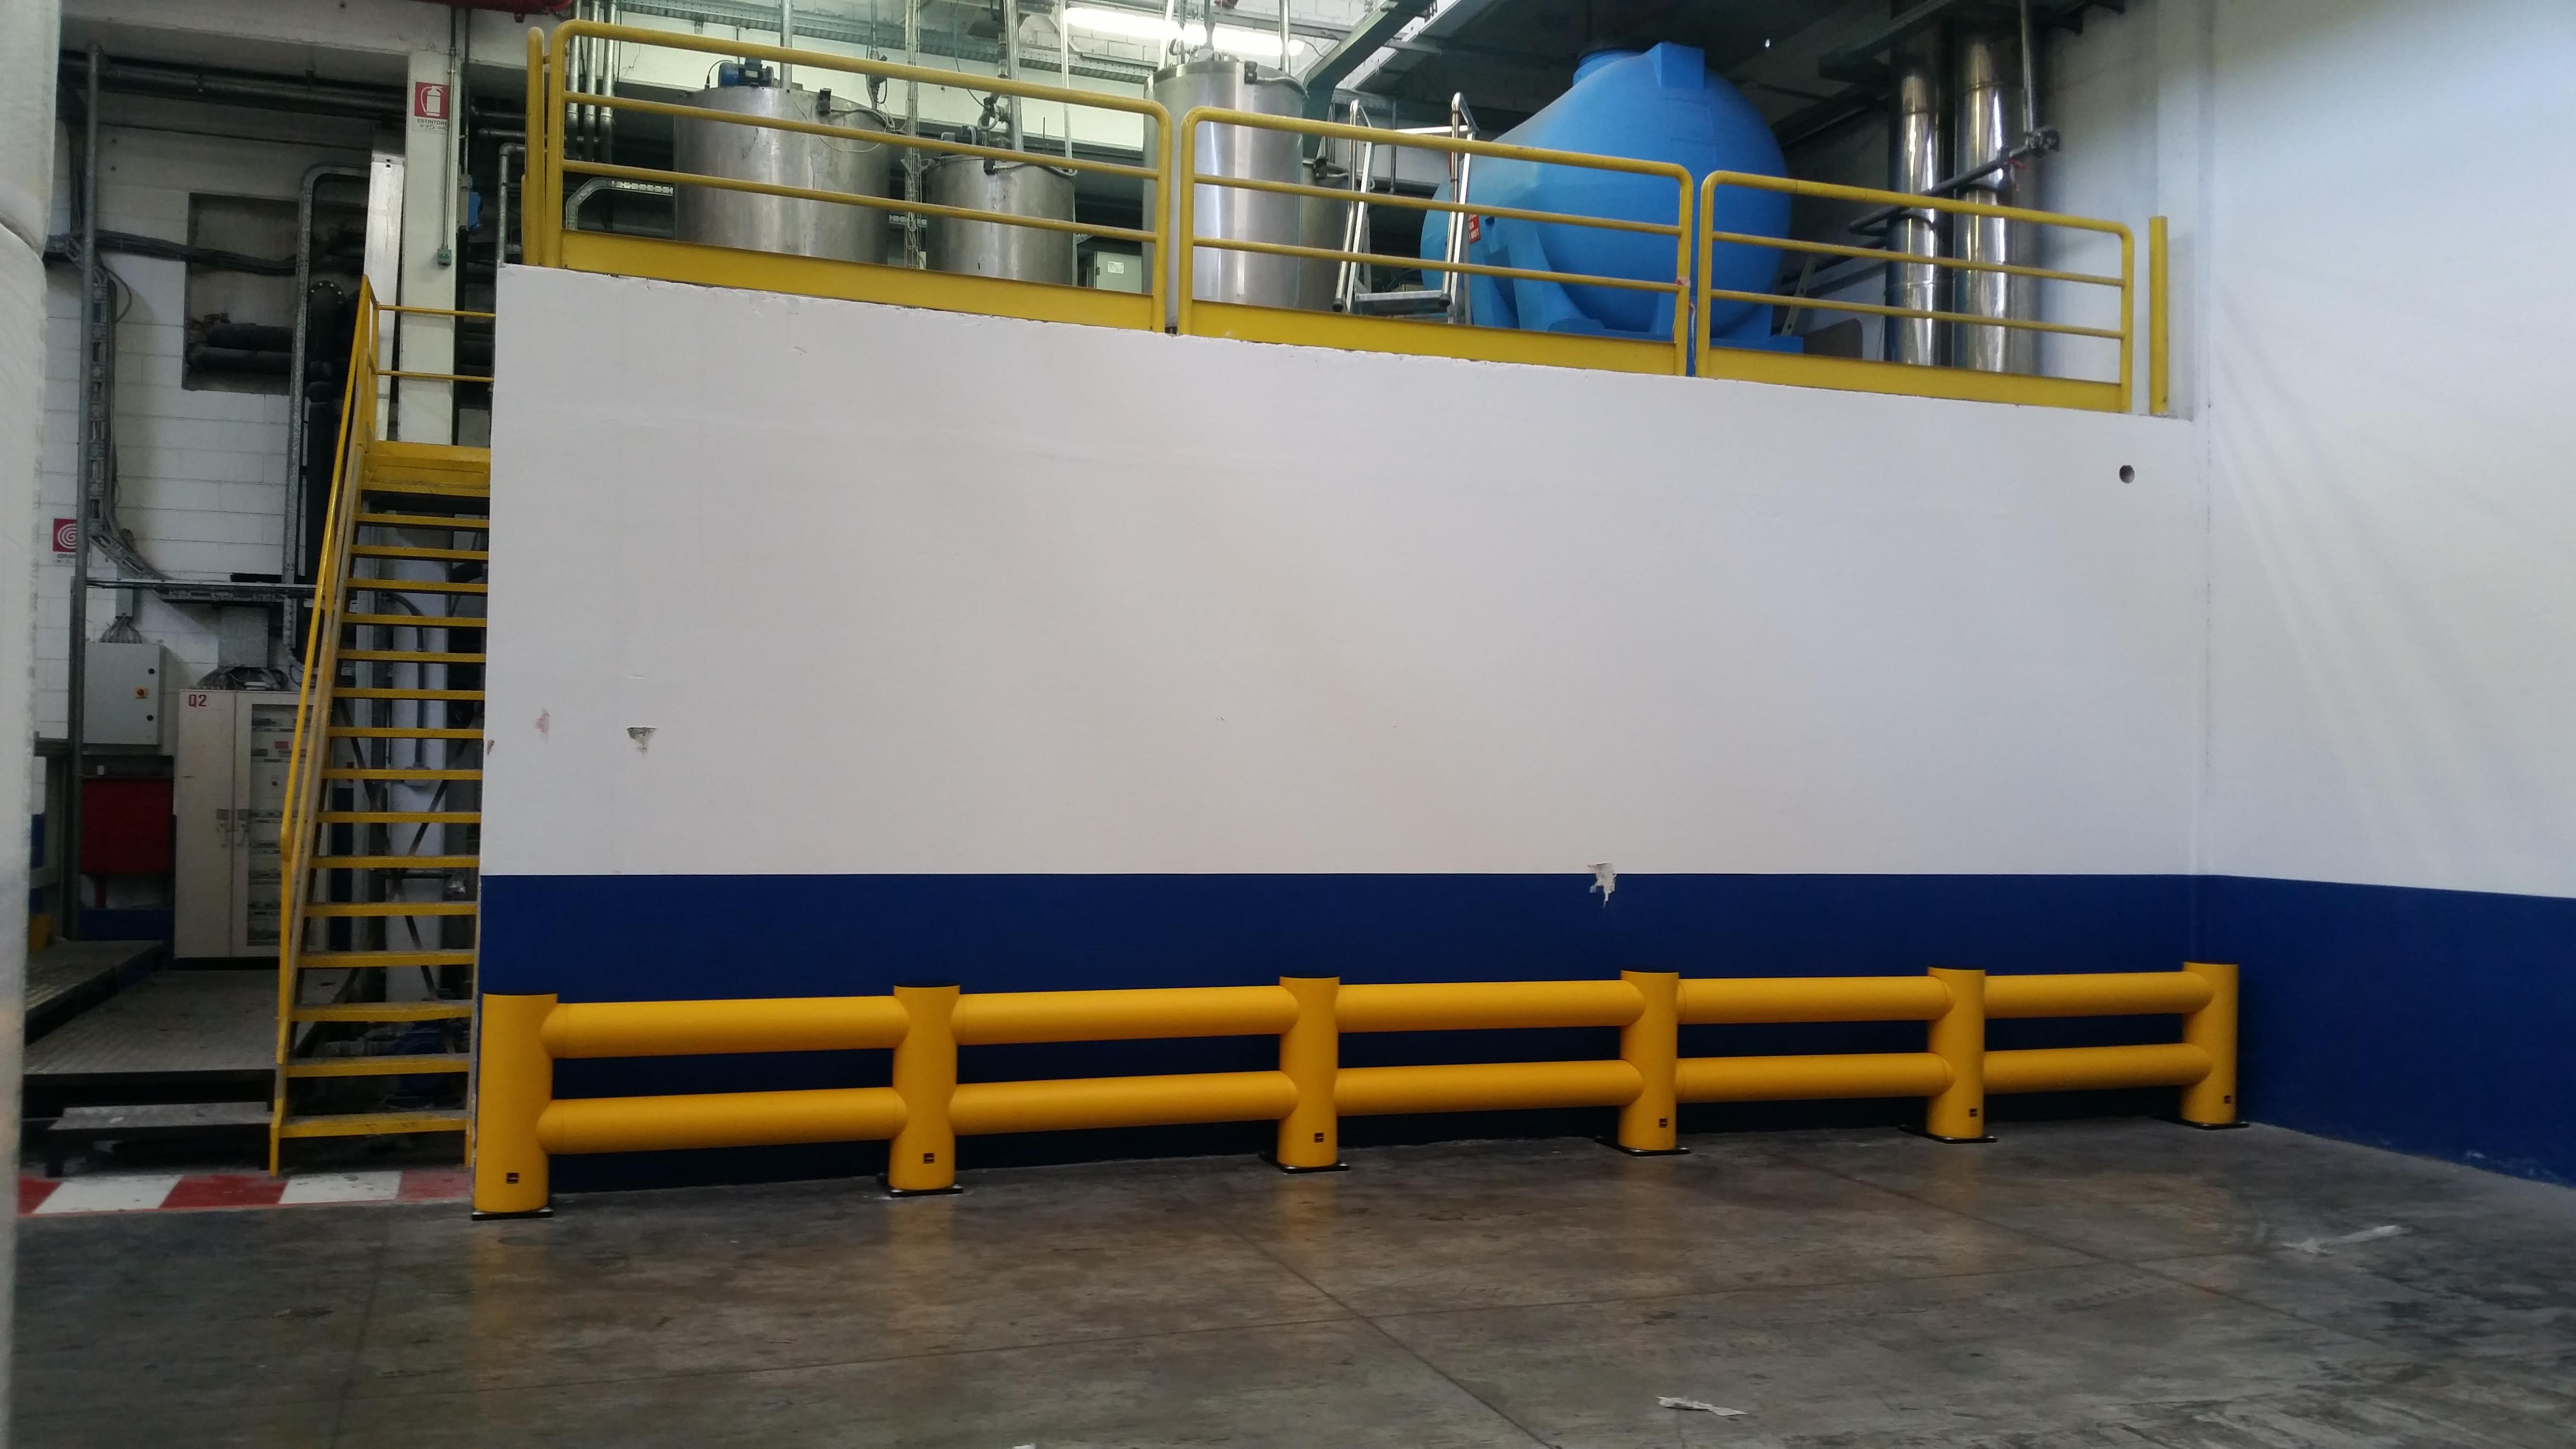 Barriera di sicurezza a 2 correnti per urti estremi